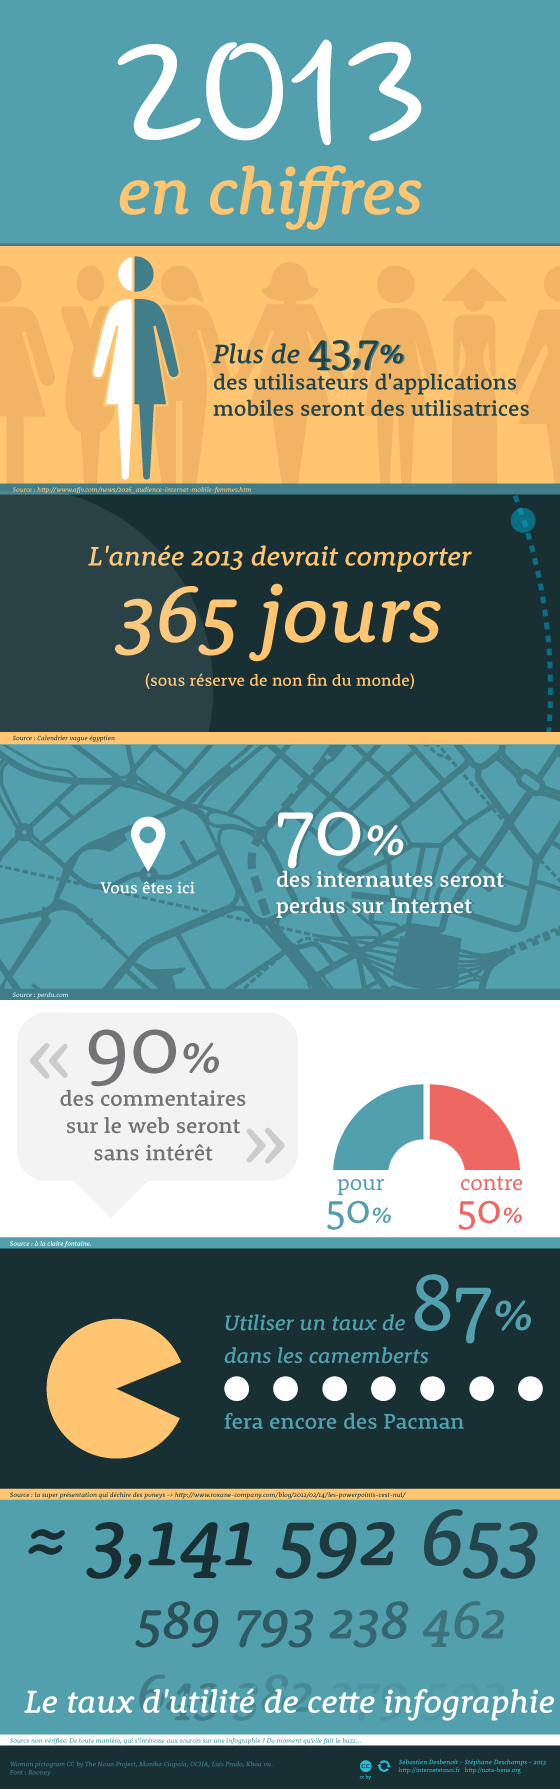 Infographie : 2013 en chiffres